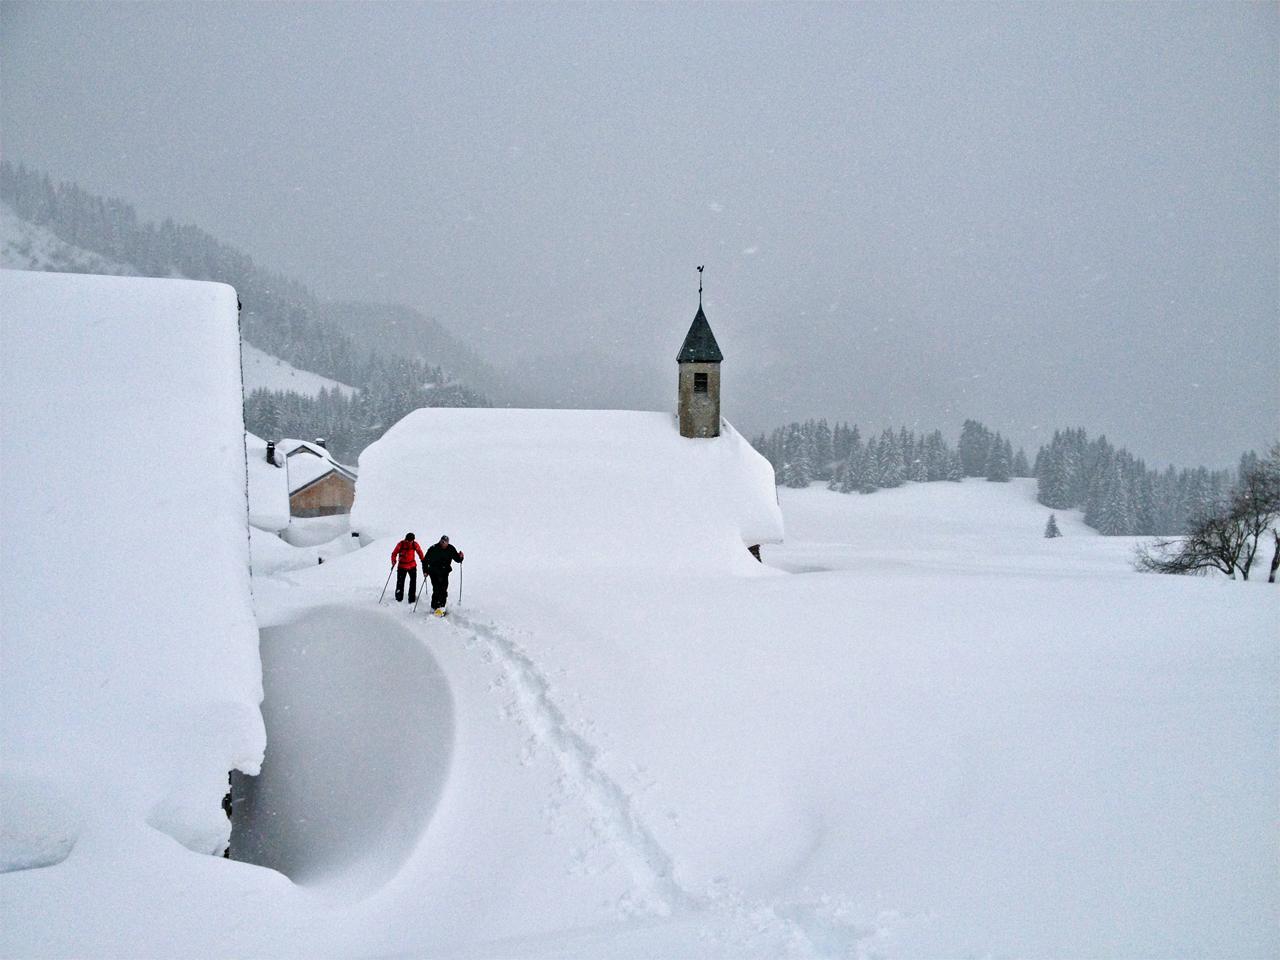 Activiteiten - Sneeuwwandelen Ubine